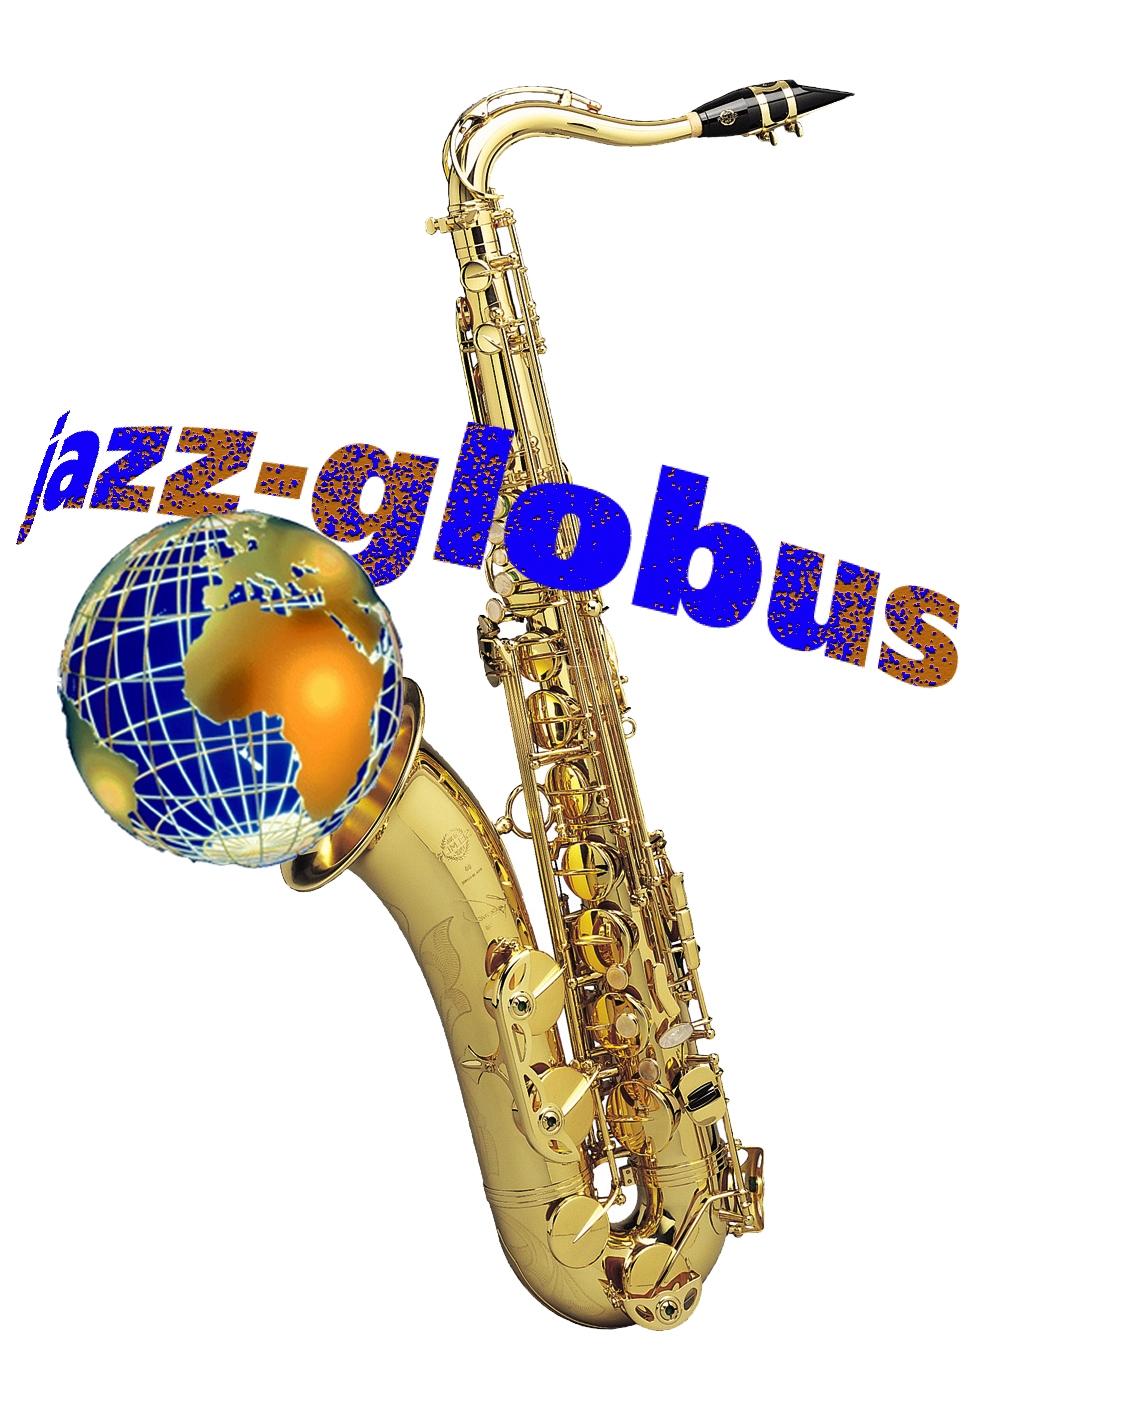 Женщины в джазе – участницы фестиваля «Джаз-Глобус» в Иерусалиме в марте 2016 года